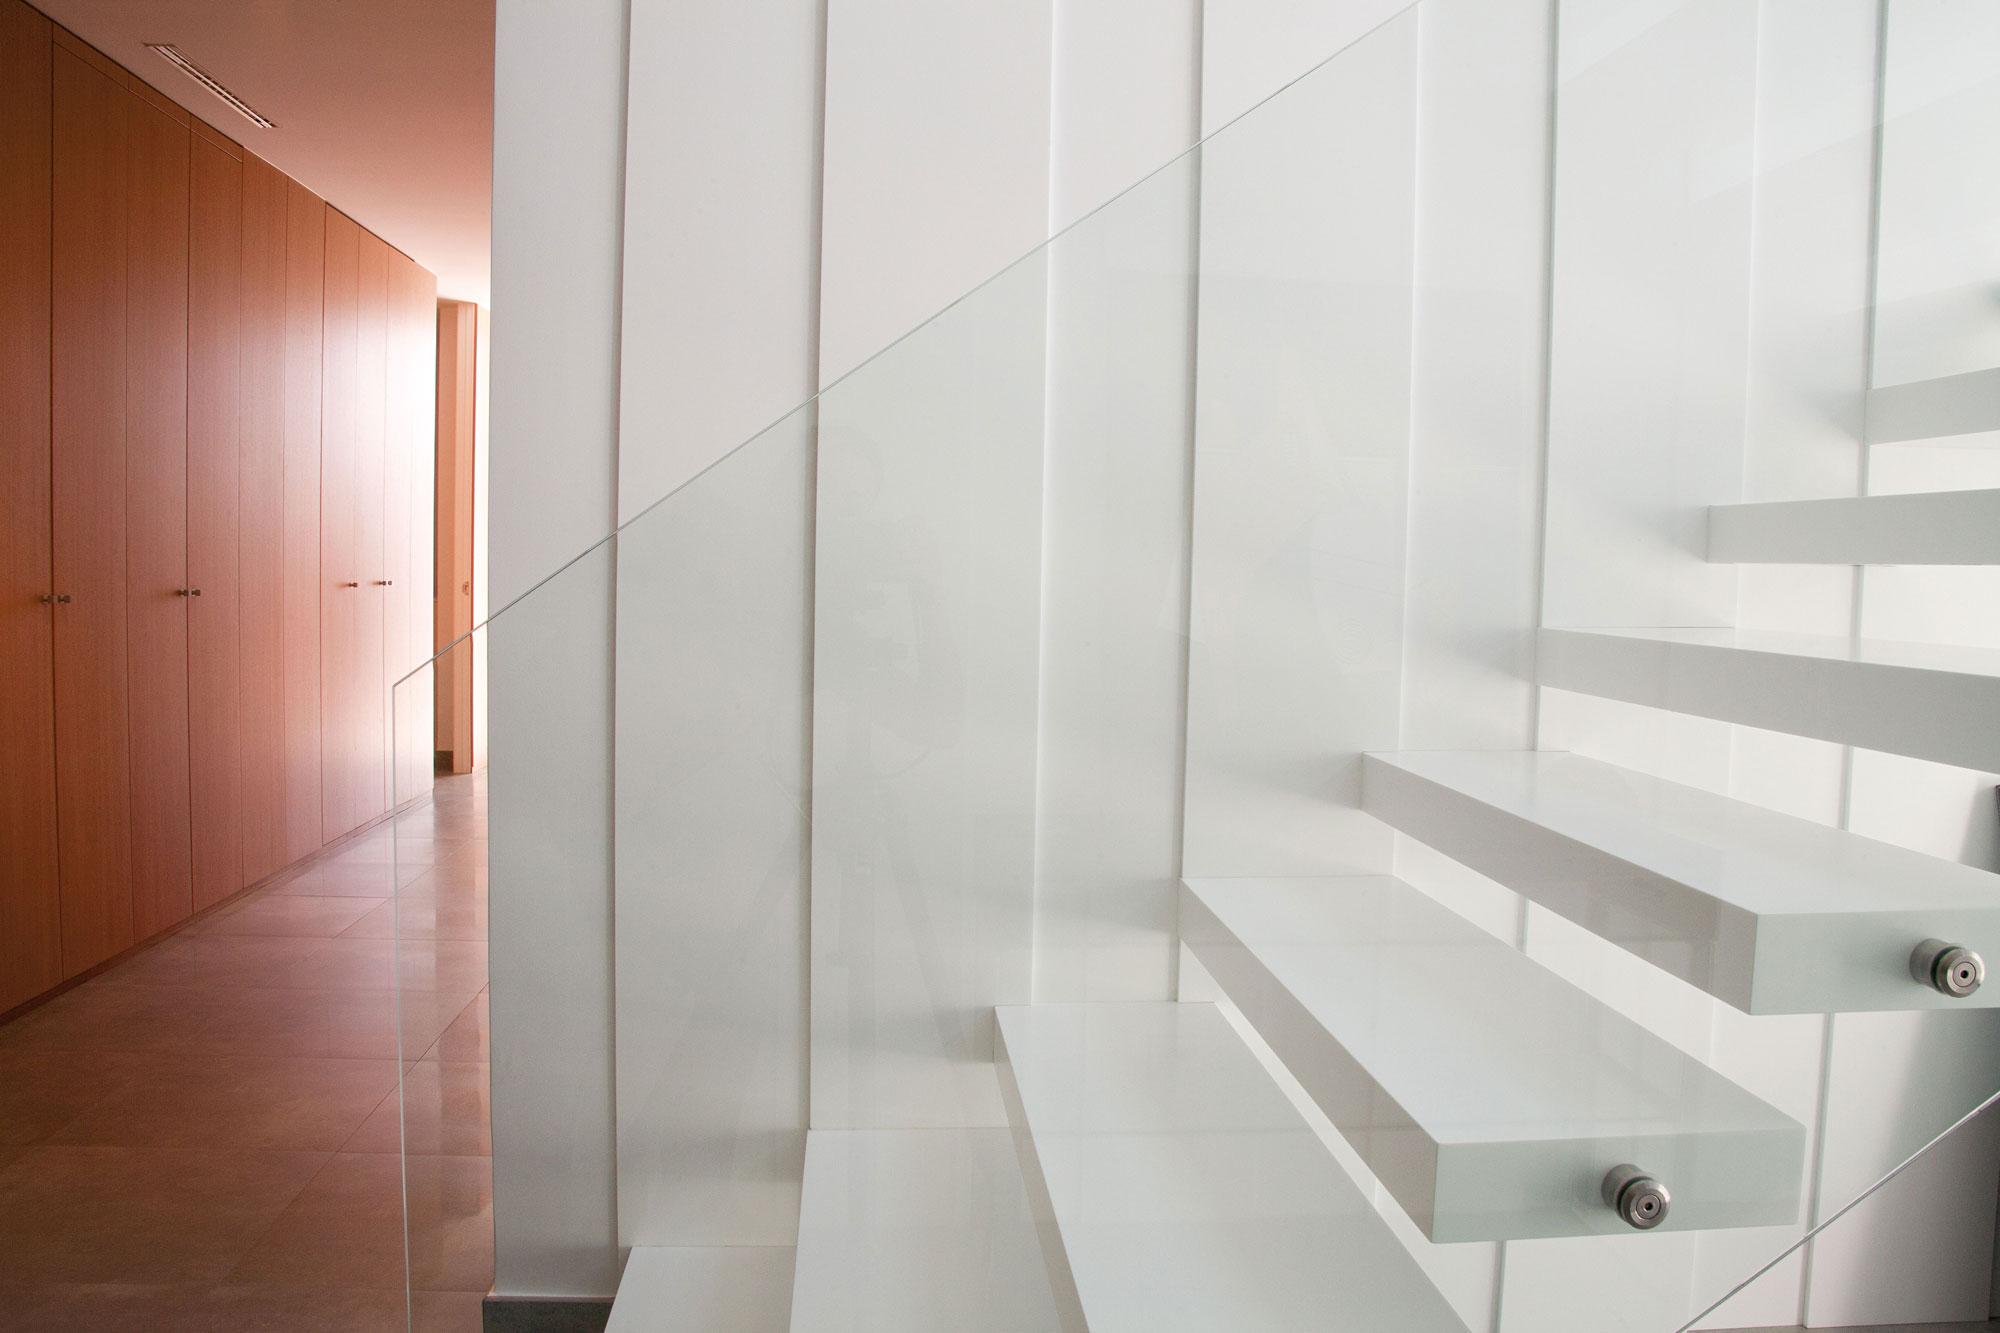 Paneles de revestimiento para la pared y para crear las escaleras.